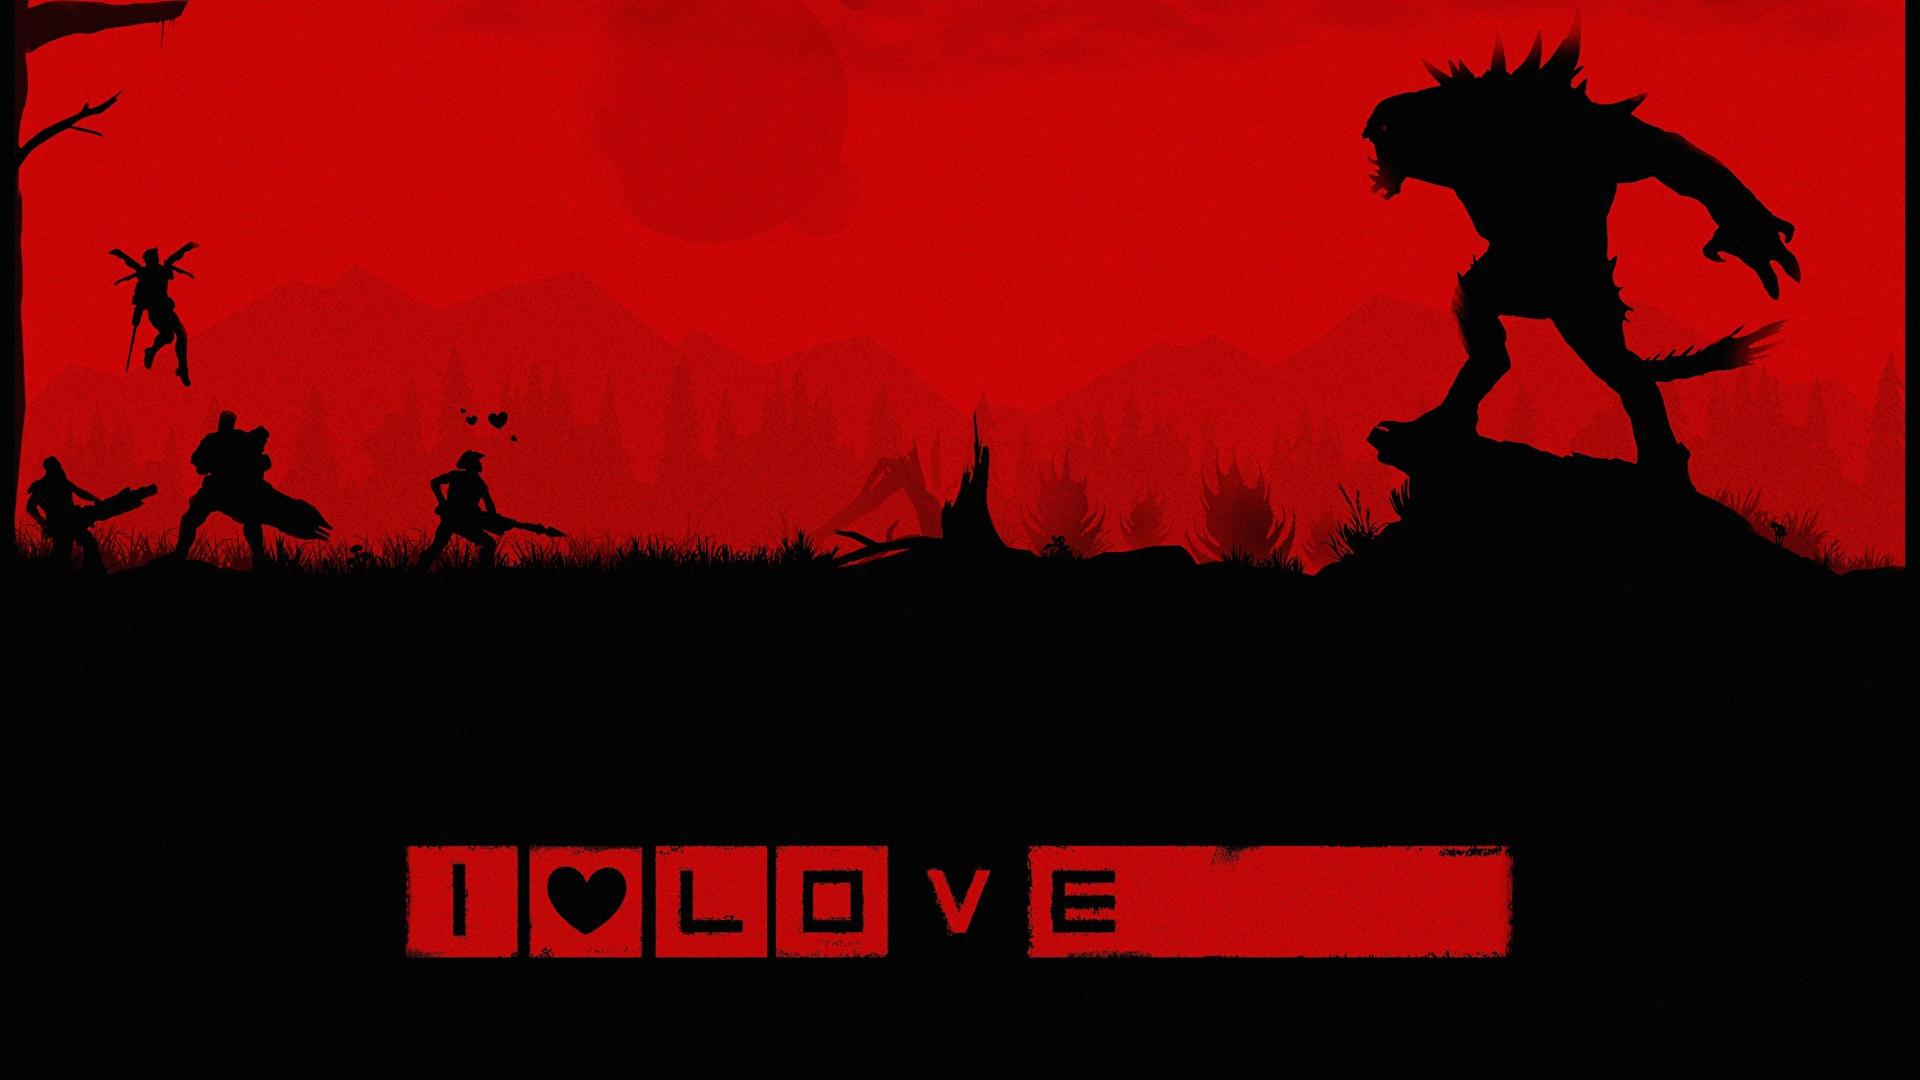 Картинка Evolve игра чудовище воины силуэта Stage 2 Игры 1920x1080 монстр Монстры воин Воители Силуэт силуэты компьютерная игра